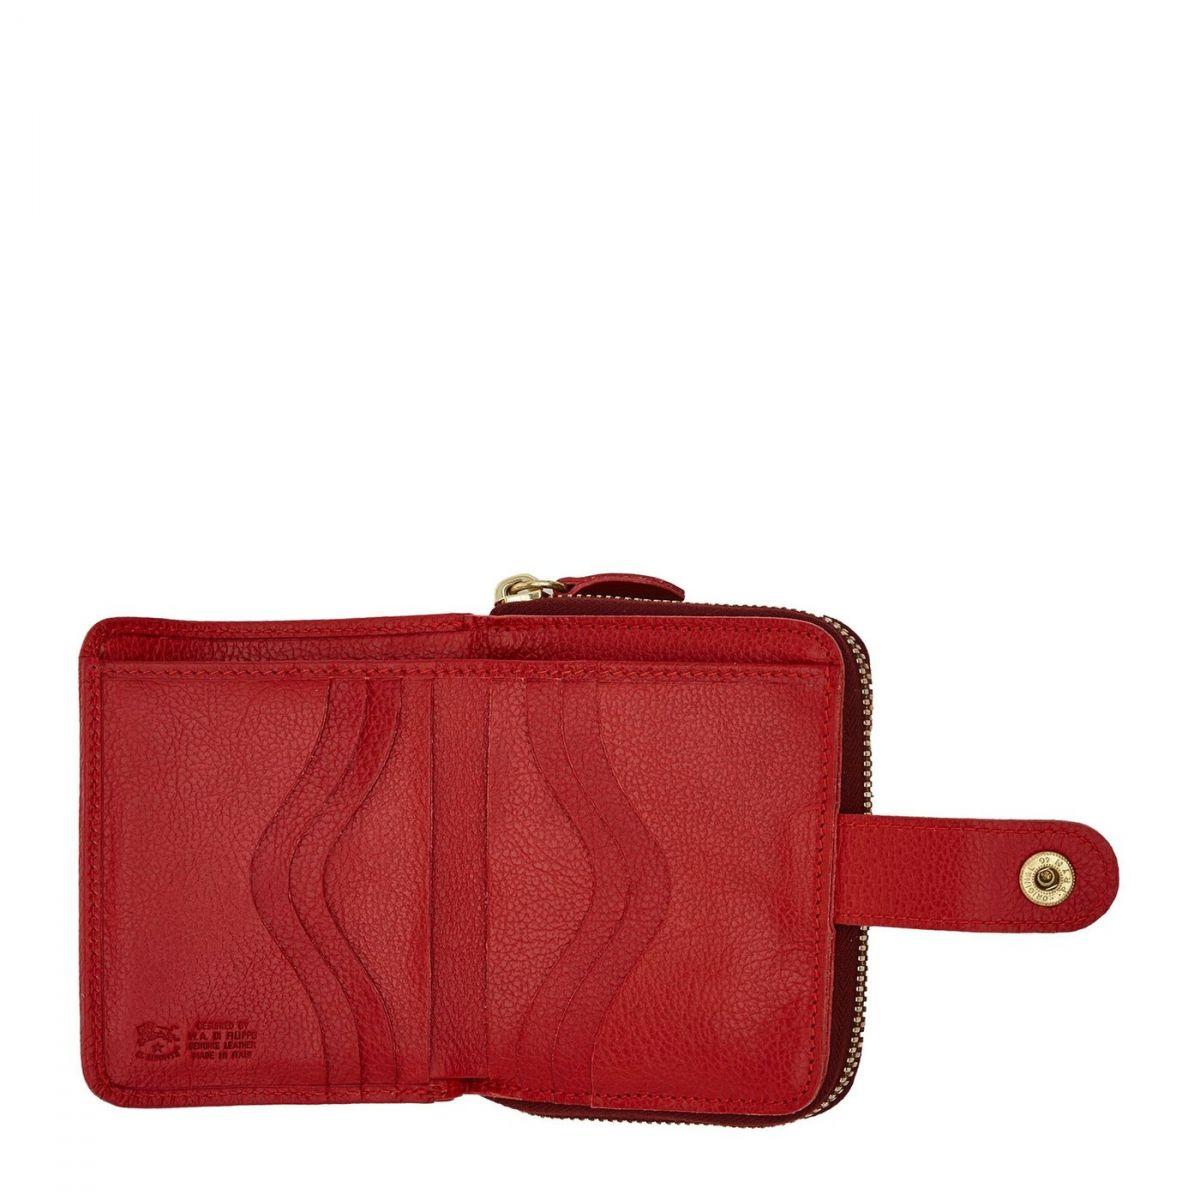 Portefeuille pour Femme  en Cuir De Vachette SMW067 couleur Rouge | Details